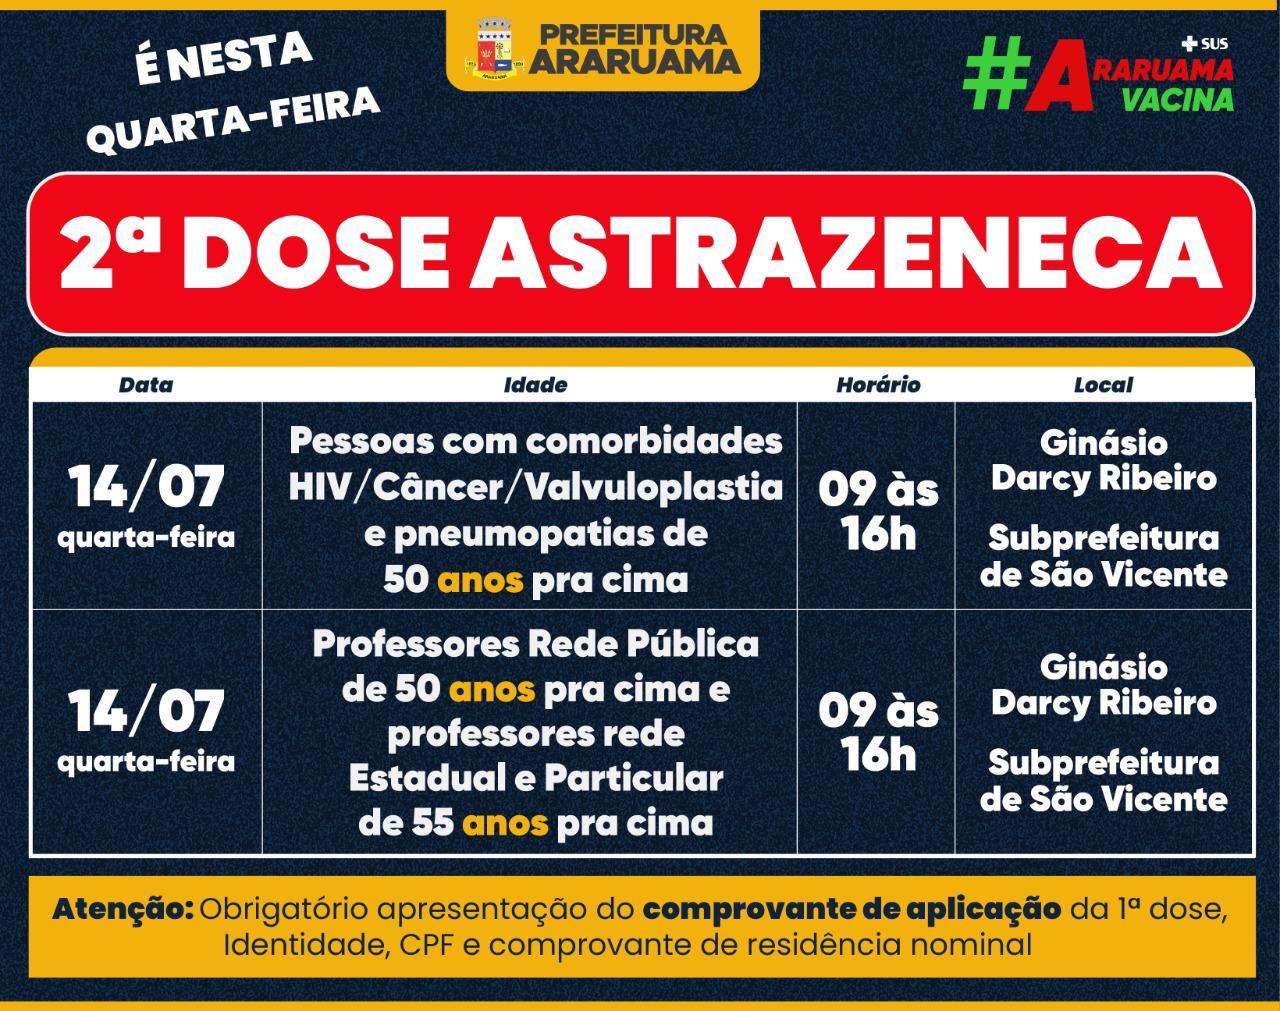 Calendário de vacinação da segunda dose da Astrazeneca para essa quarta-feira,14